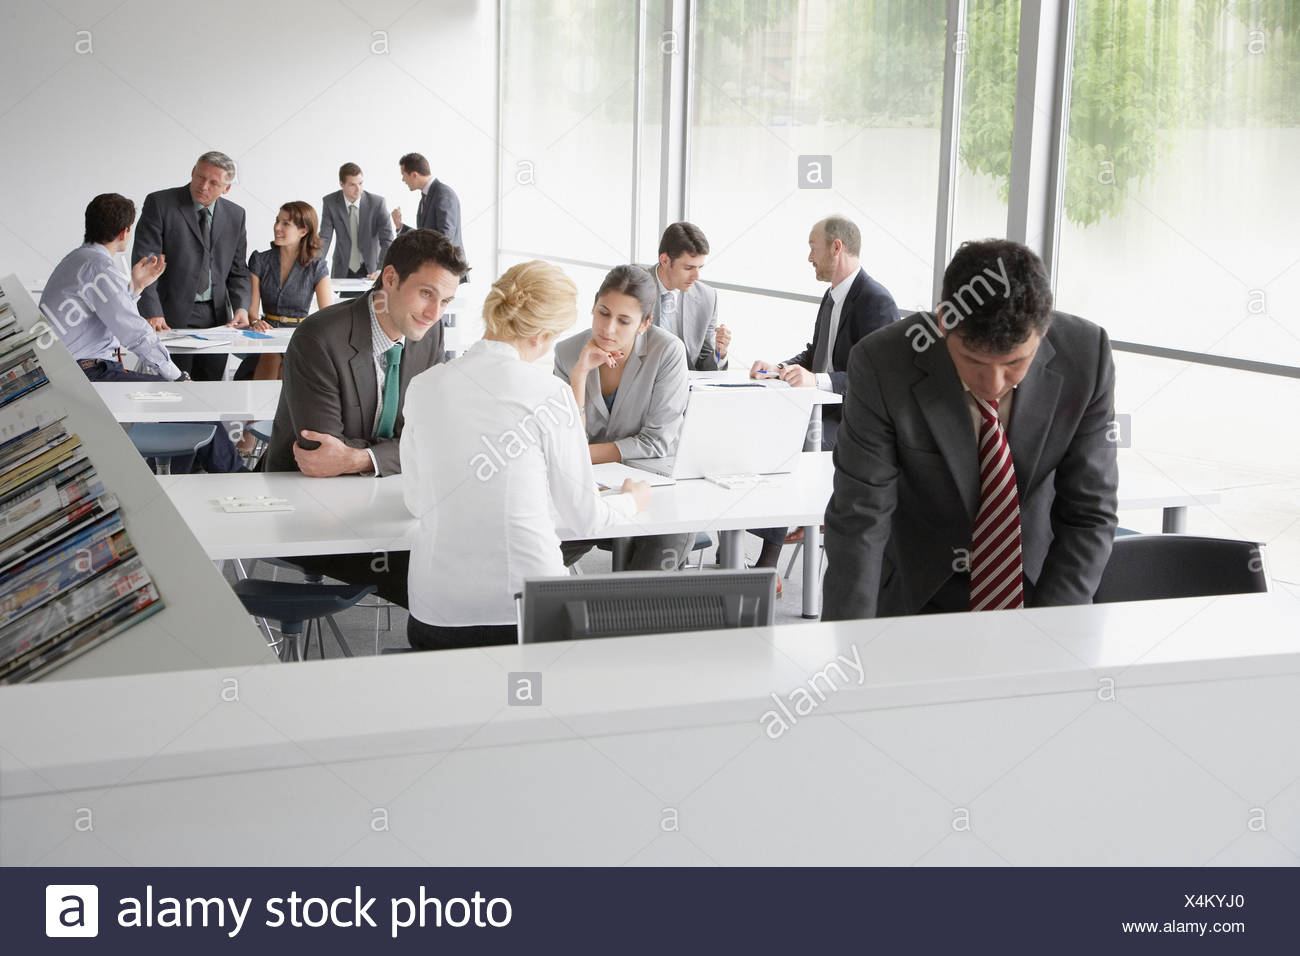 Geschäftsleute in Firmenschulungen Anlage arbeiten Stockbild